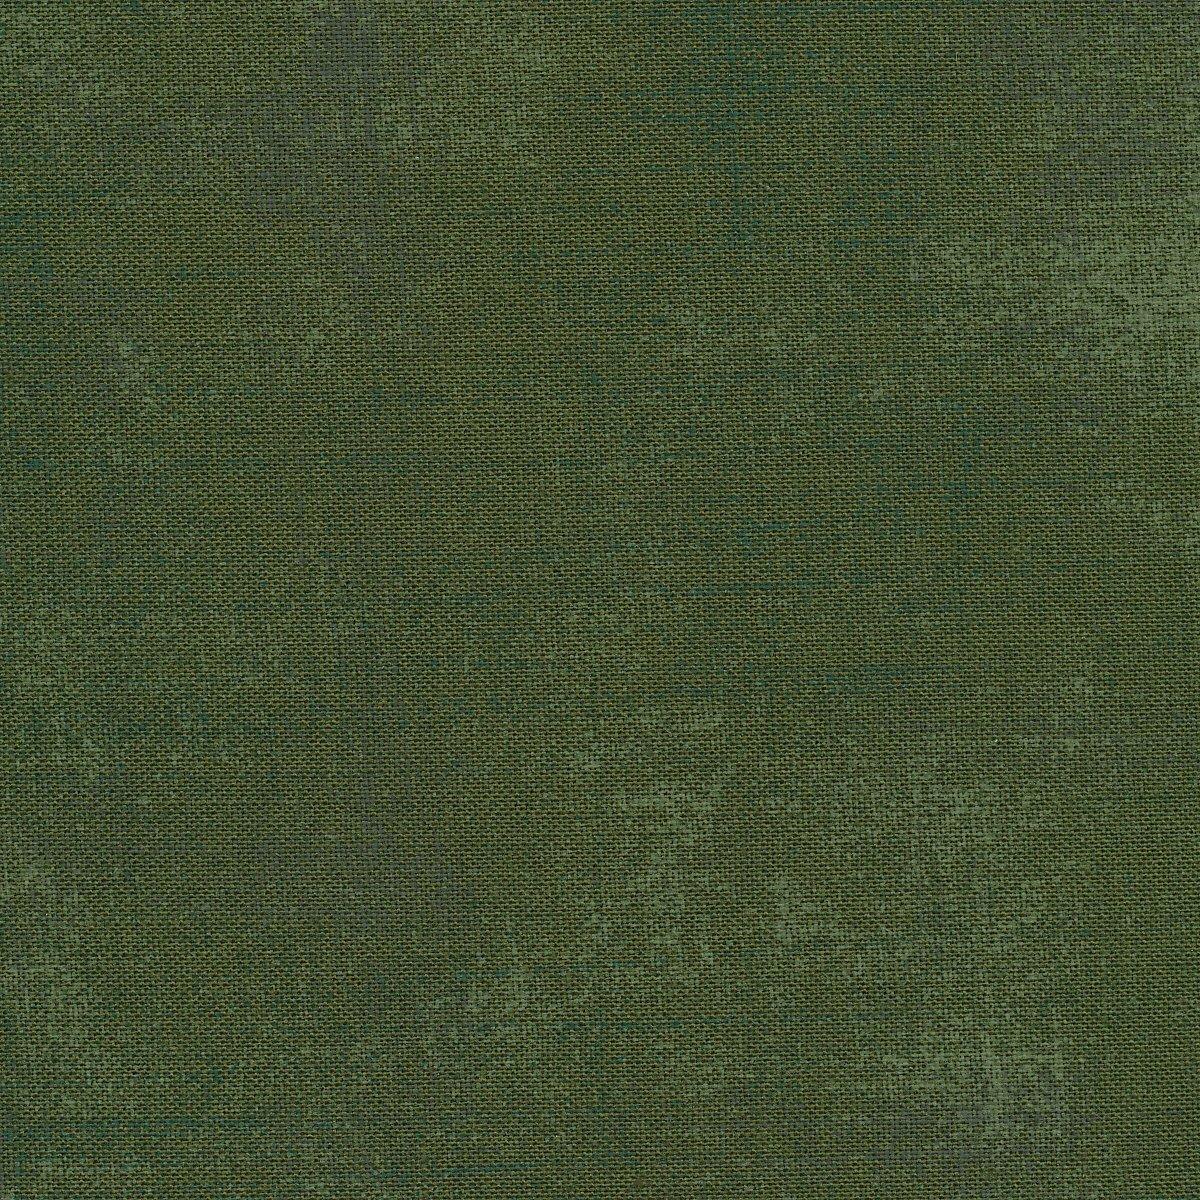 Grunge Basics  - 530150-429